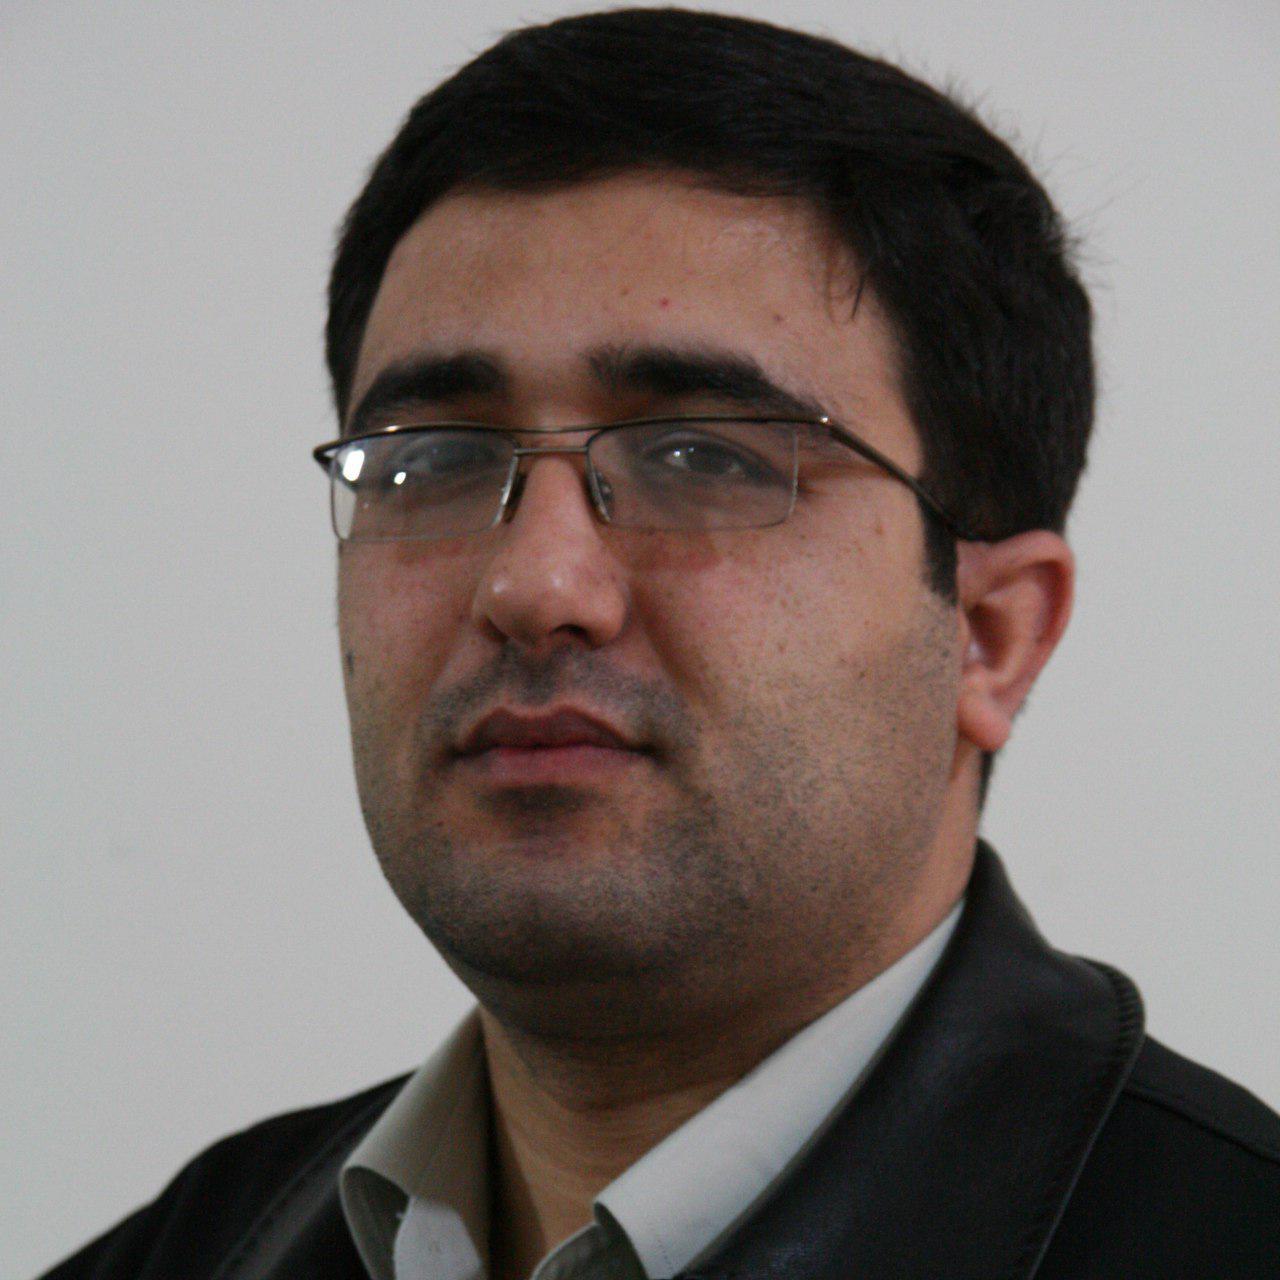 آینده مبهم موزه مطبوعات آذربایجان شرقی